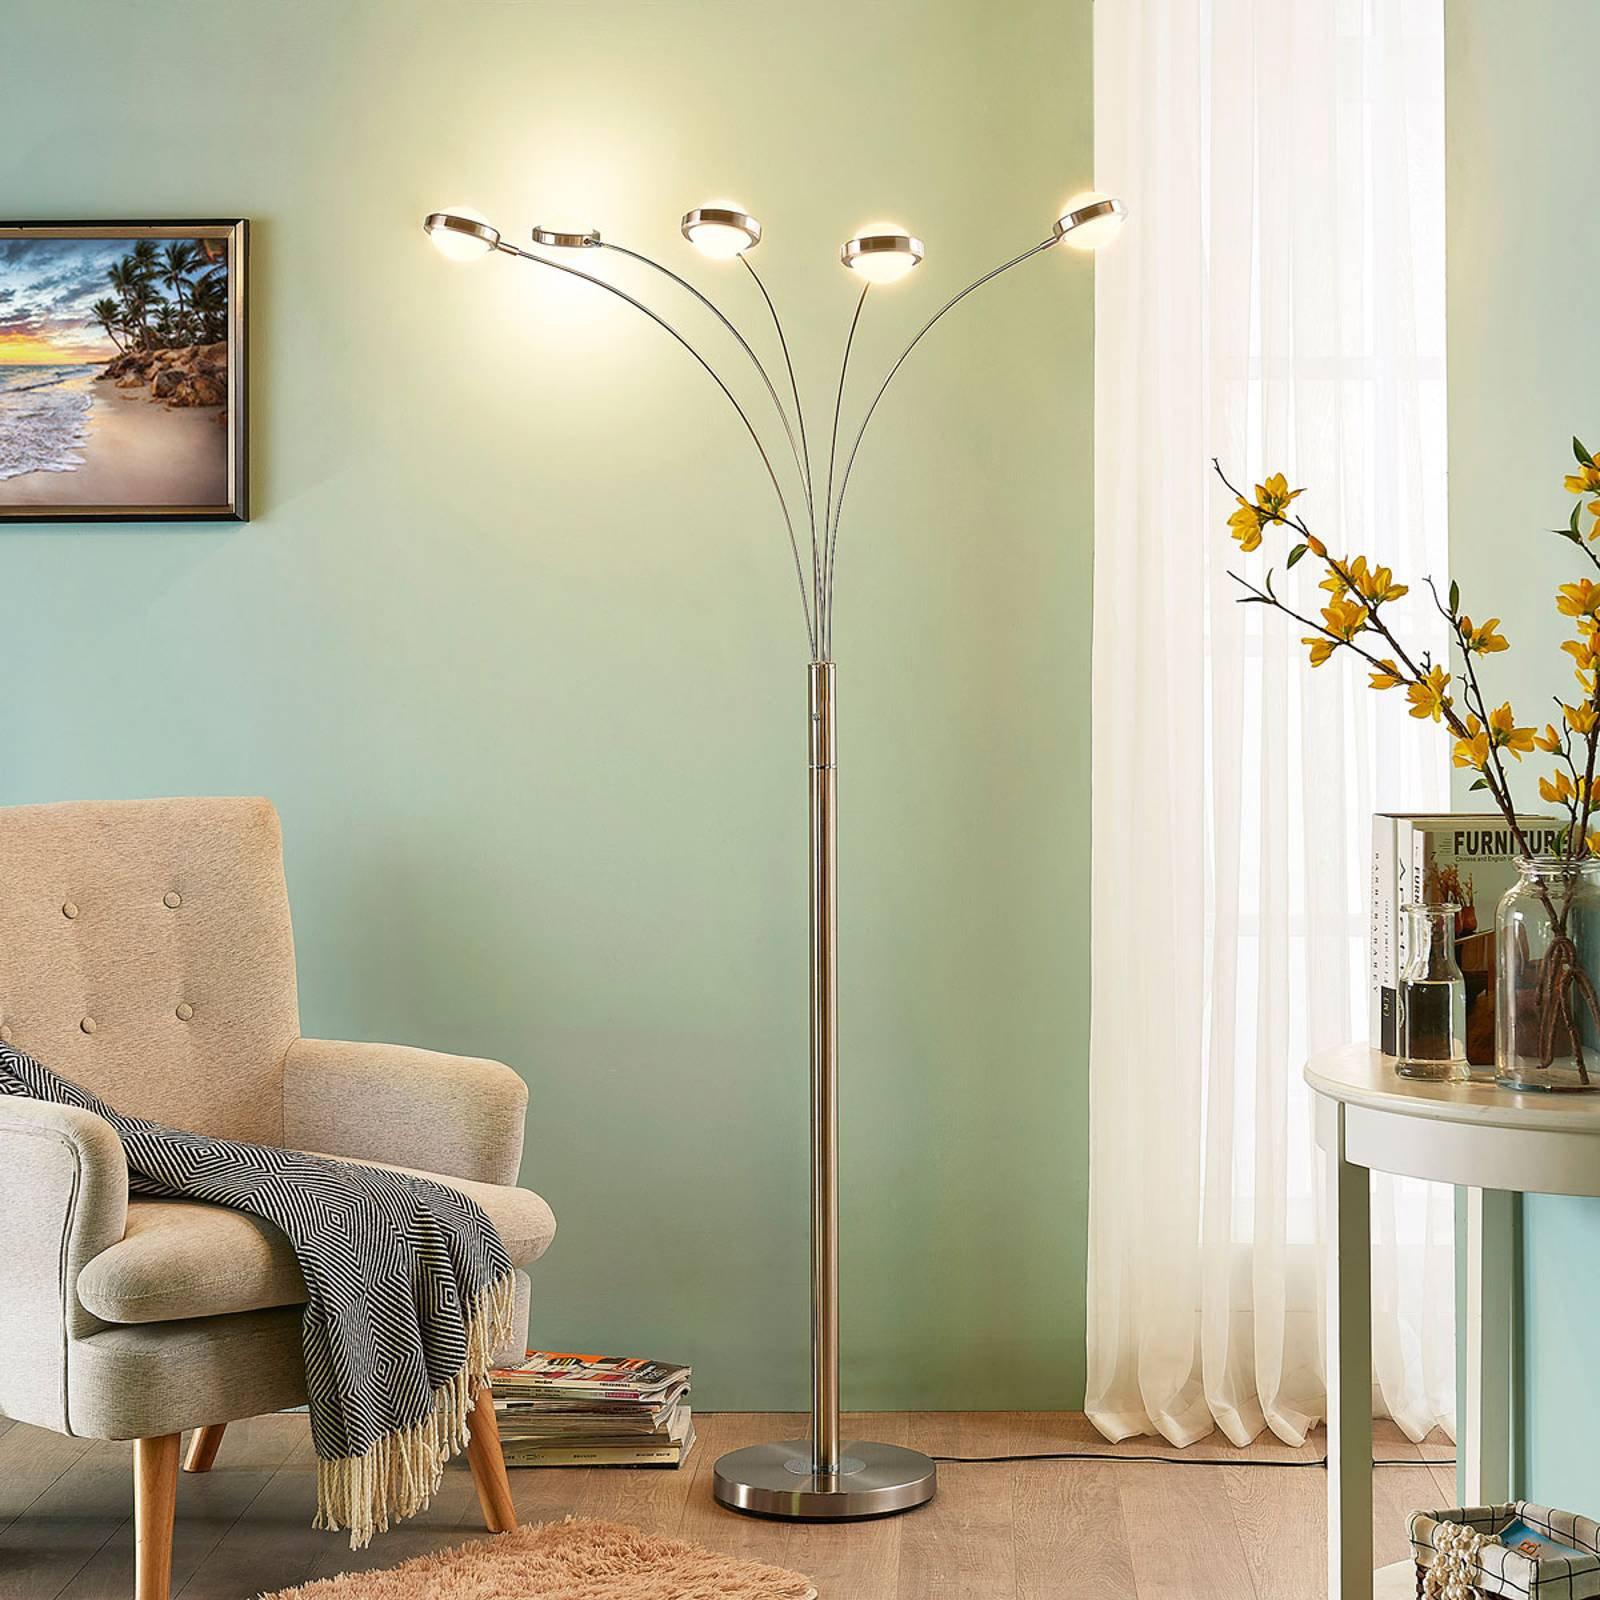 LED-gulvlampe Catriona med dimmer, 5 lyskilder